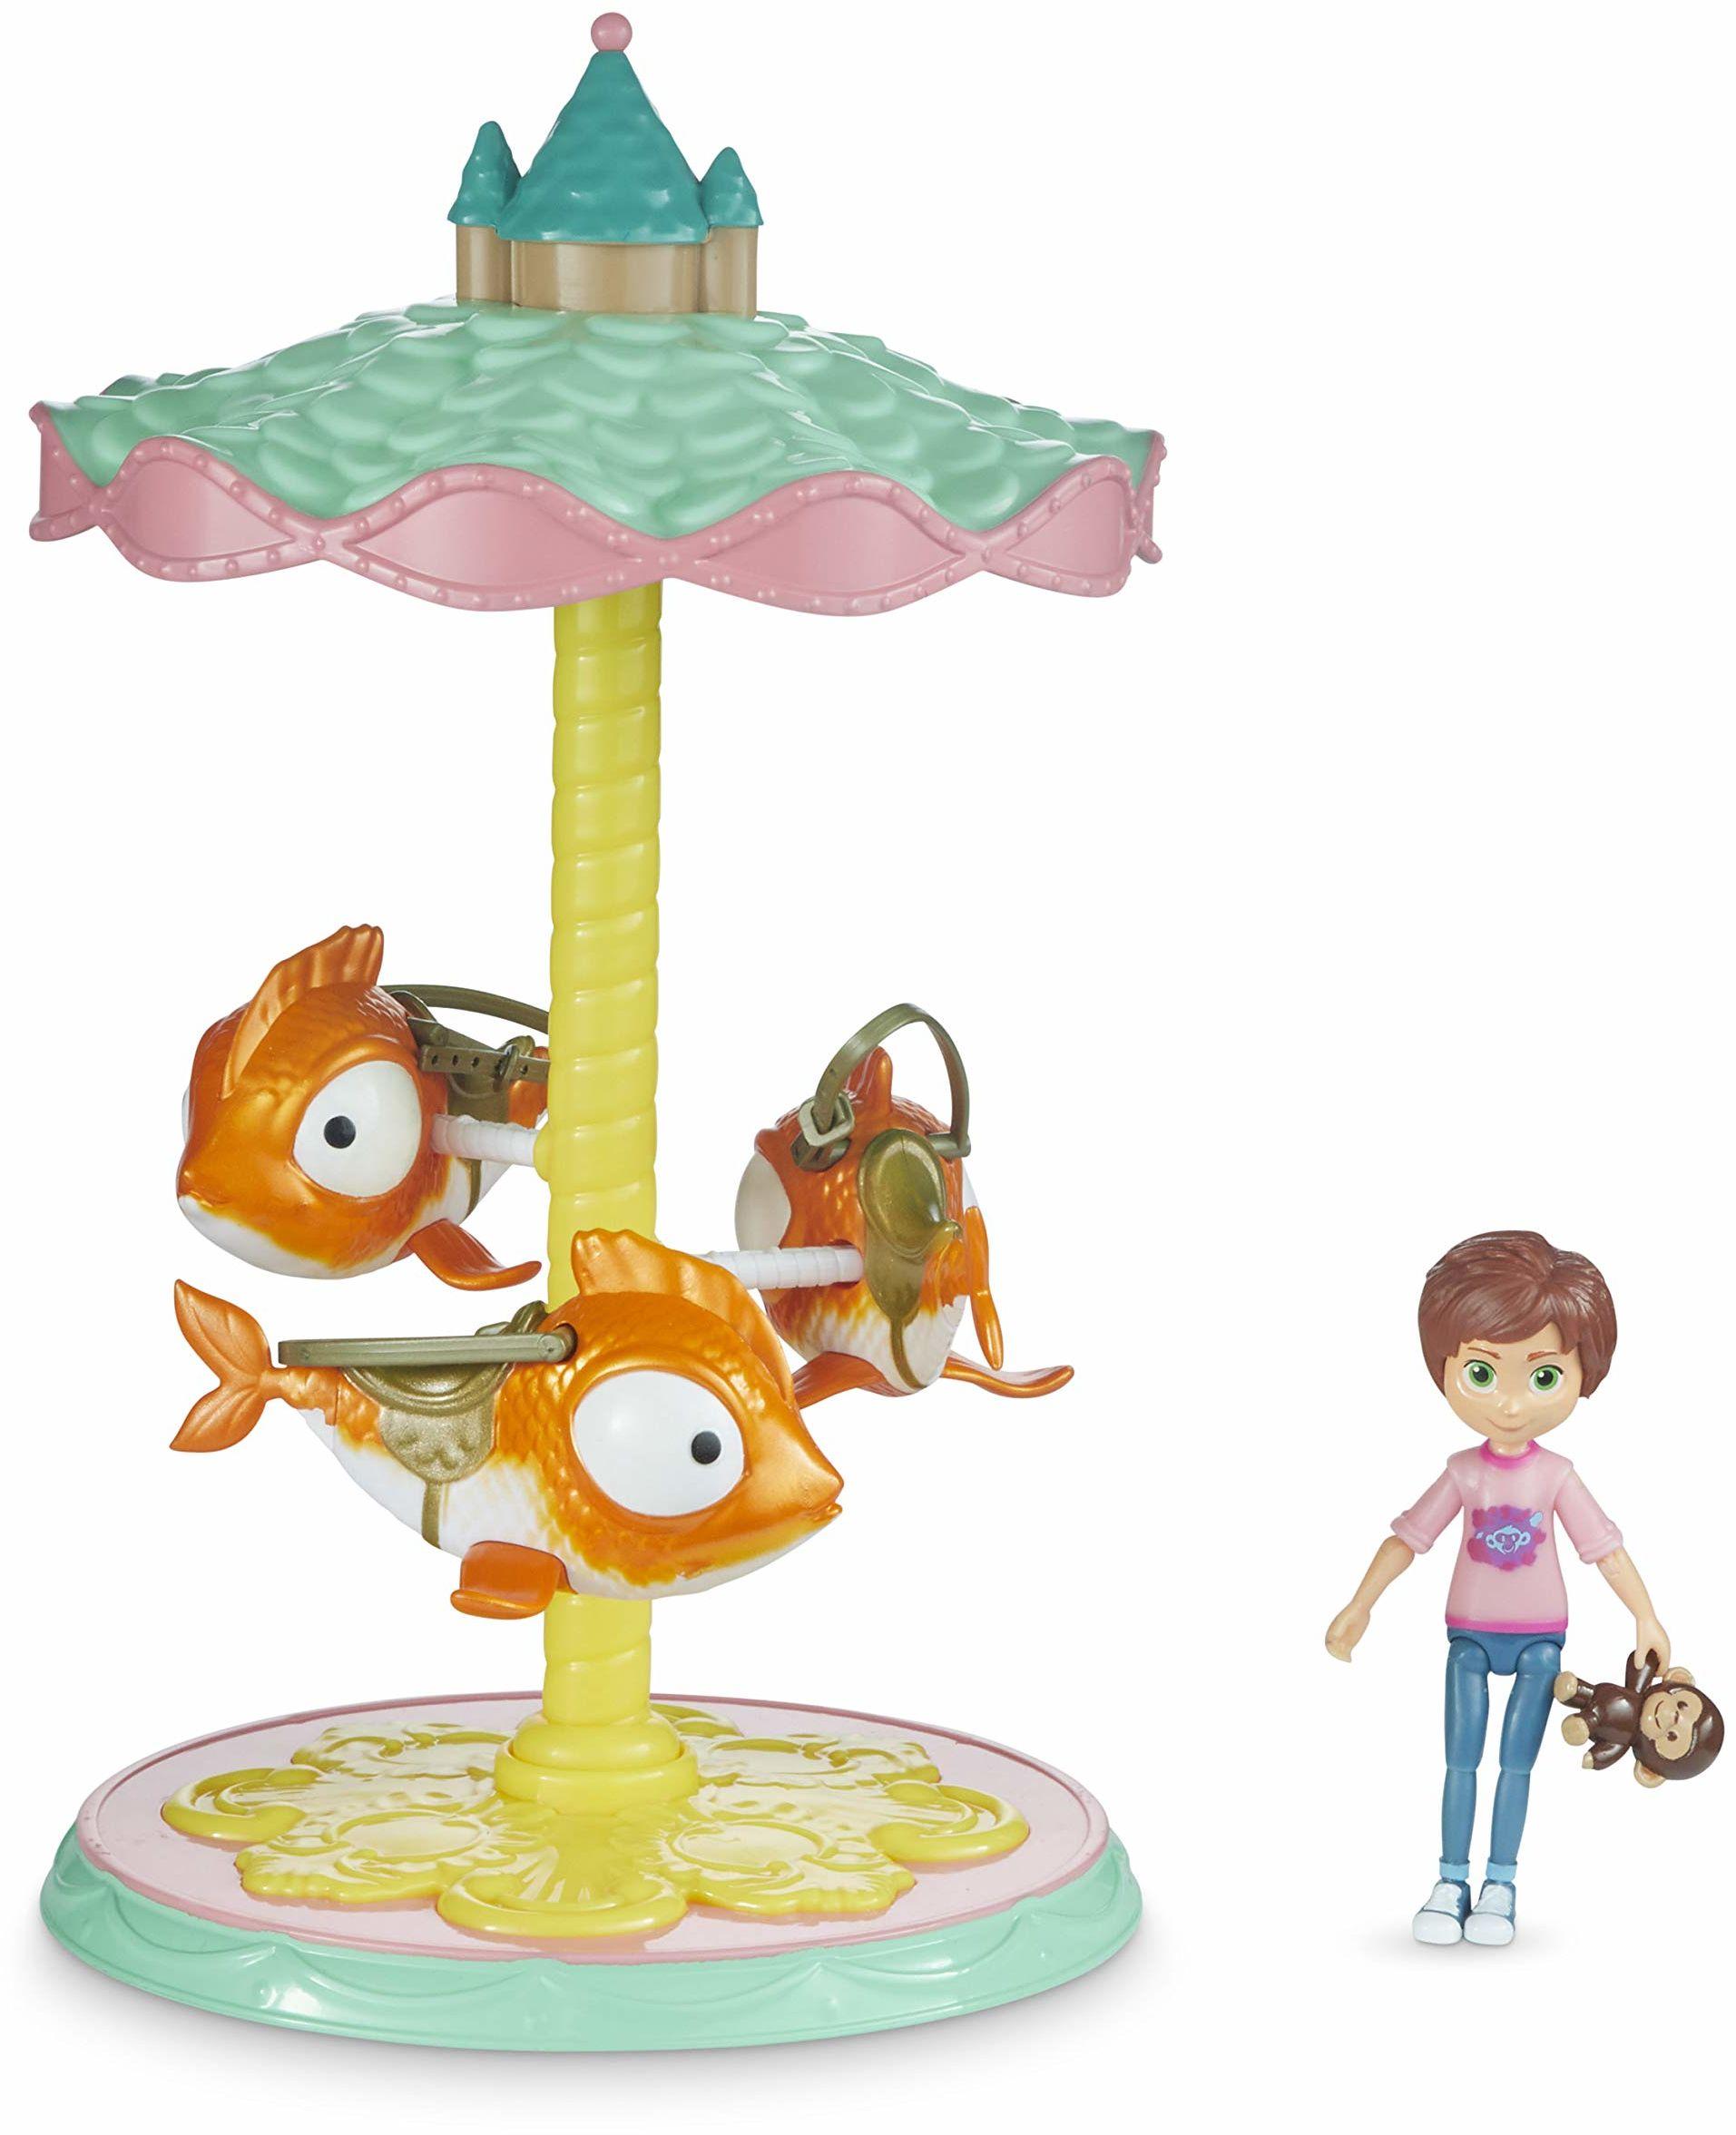 Wonder Park 31084 WonderPark latająca ryba karuzela zabawka dla dzieci, wielokolorowa, jedna